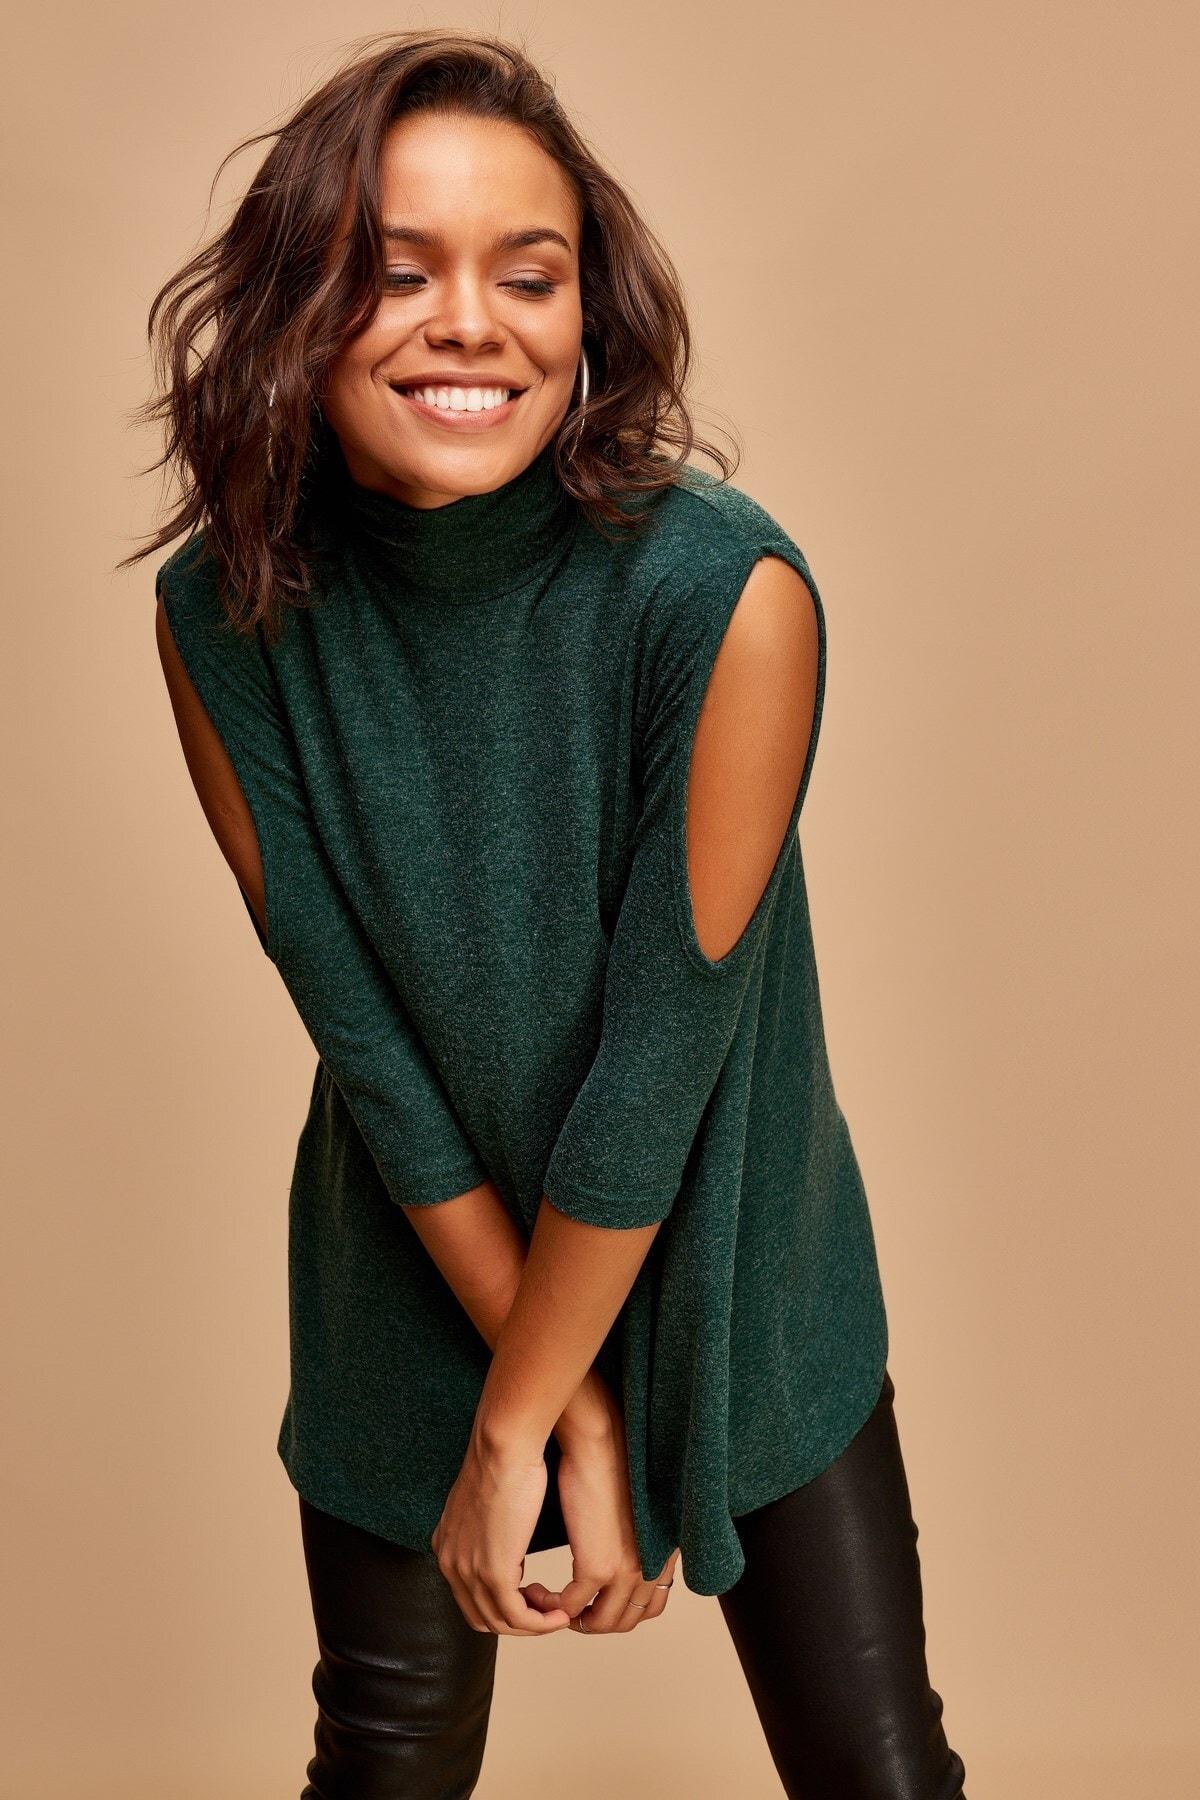 Boutiquen Kadın Yeşil Omuzları Açık Balıkçı Yaka Bluz 2181